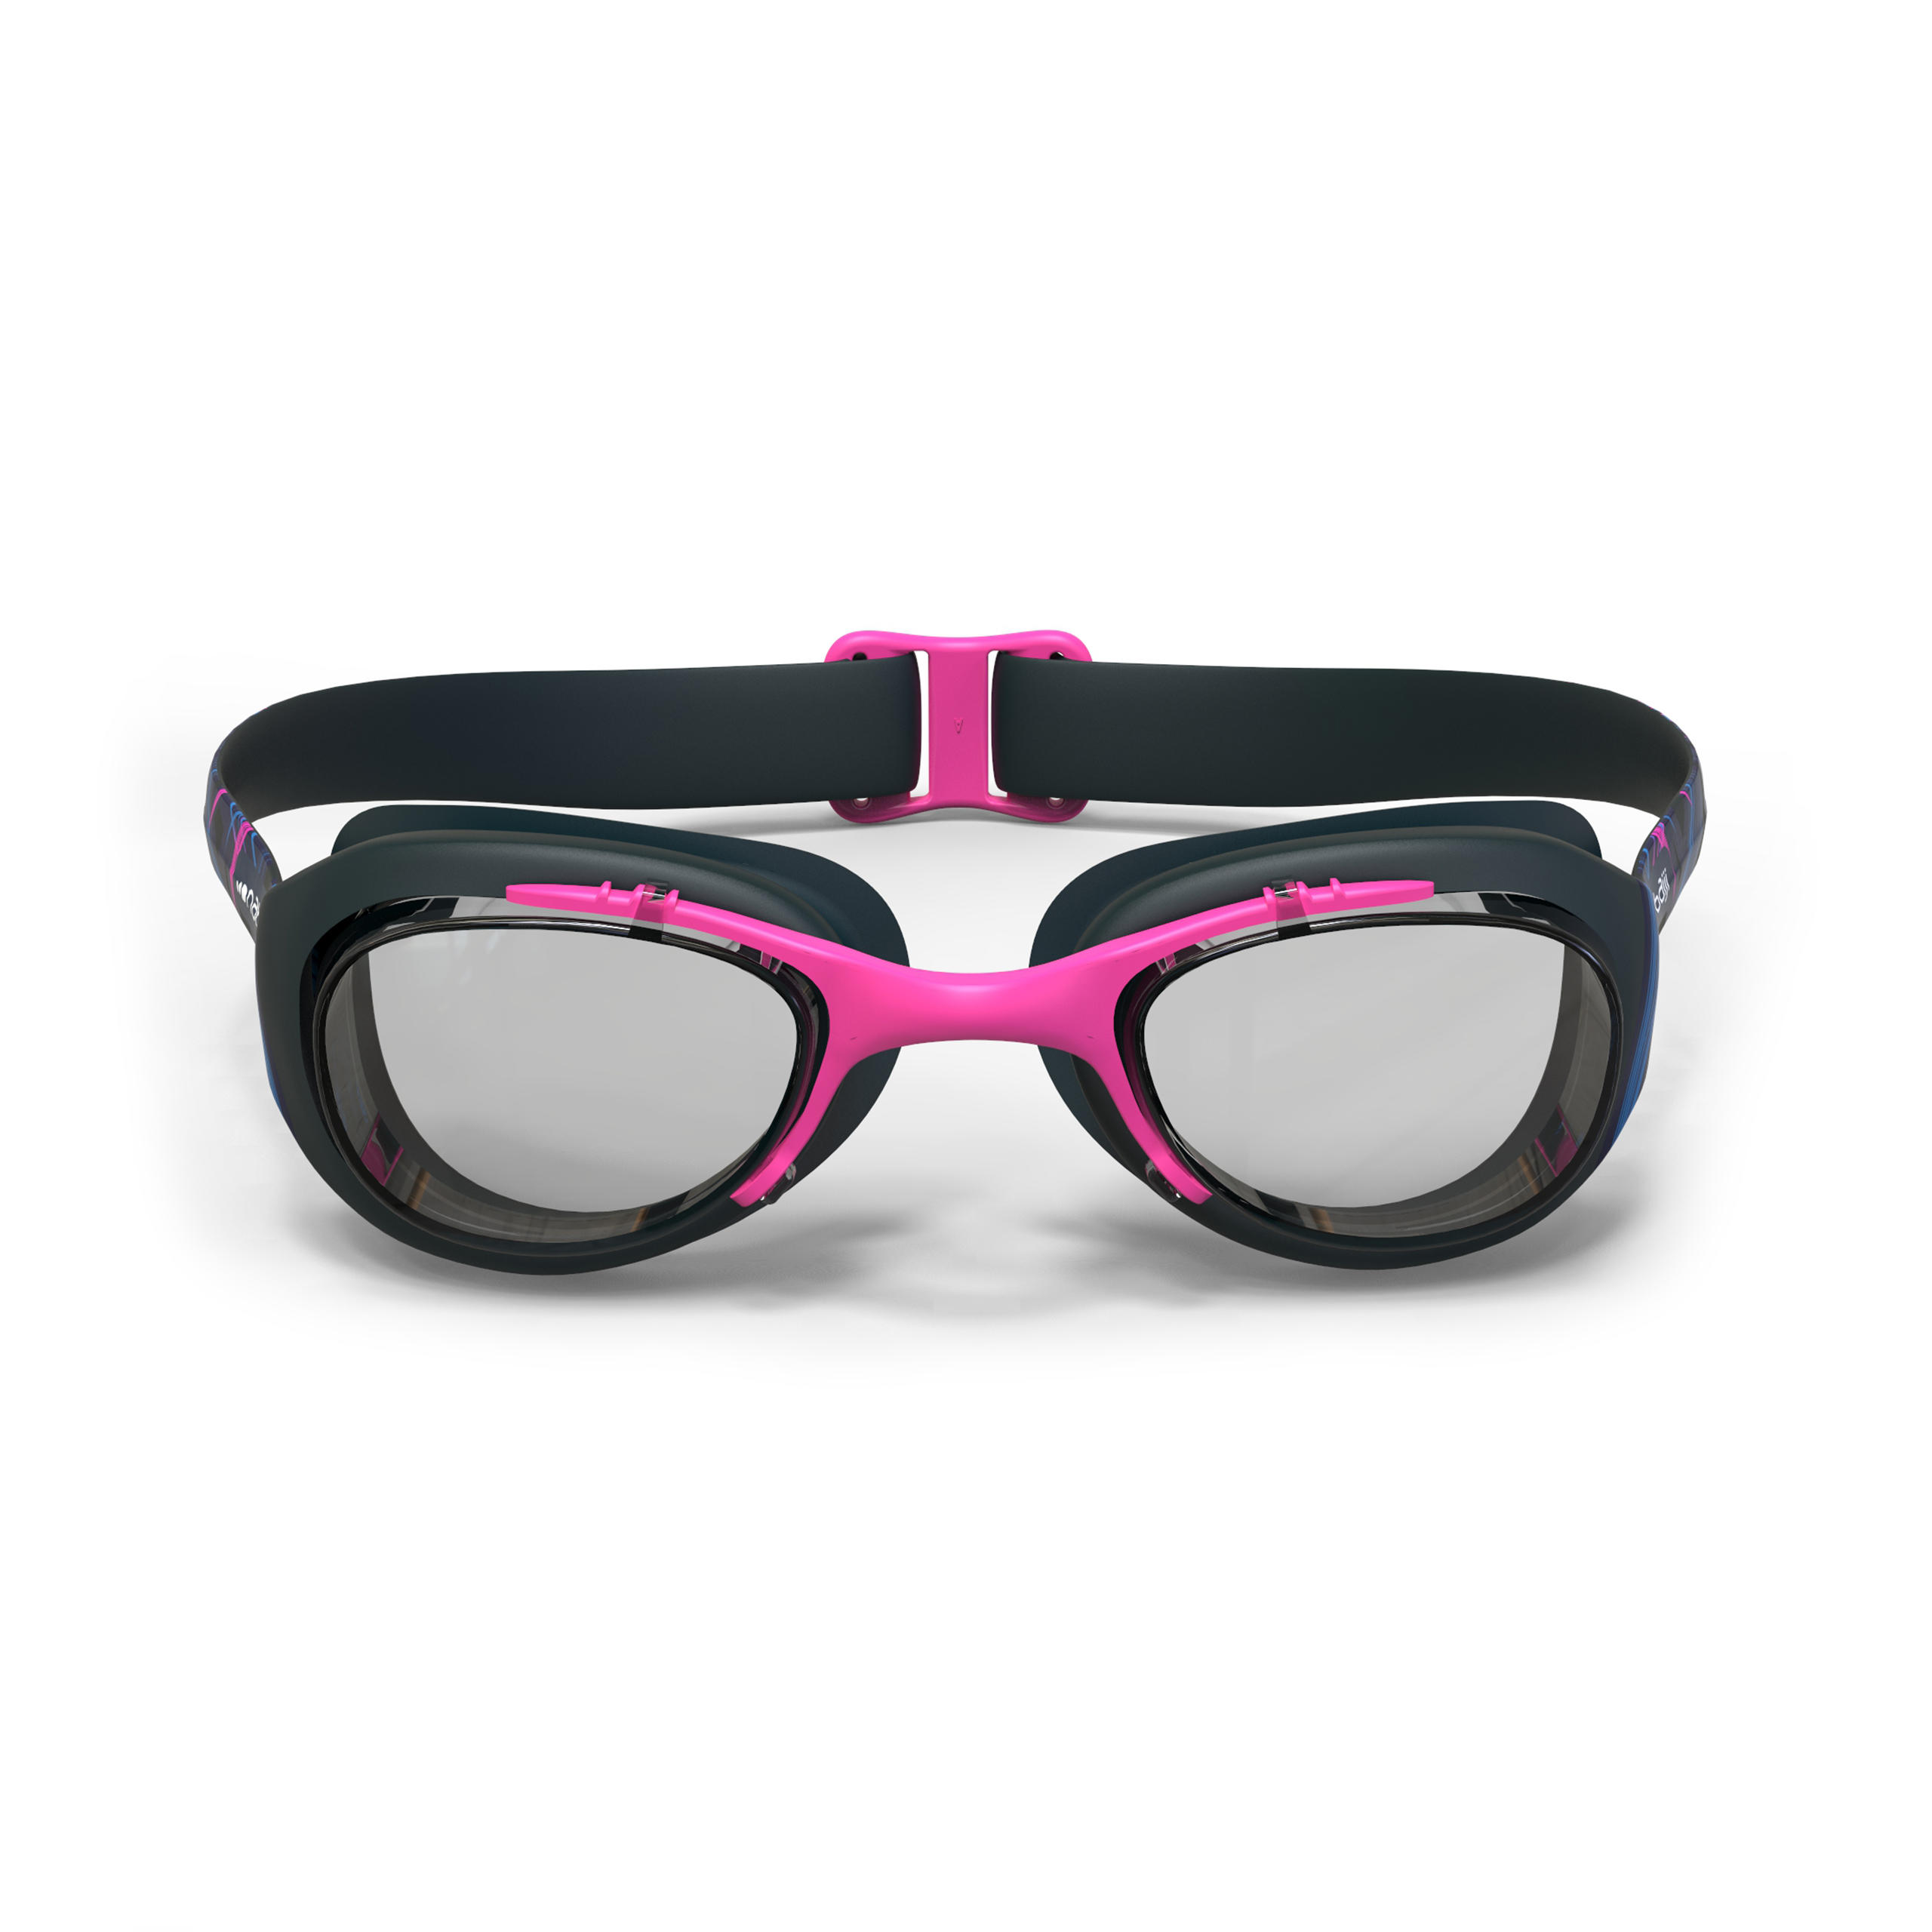 แว่นตาว่ายน้ำรุ่น Xbase Print ขนาด L (สีฟ้า Opi)